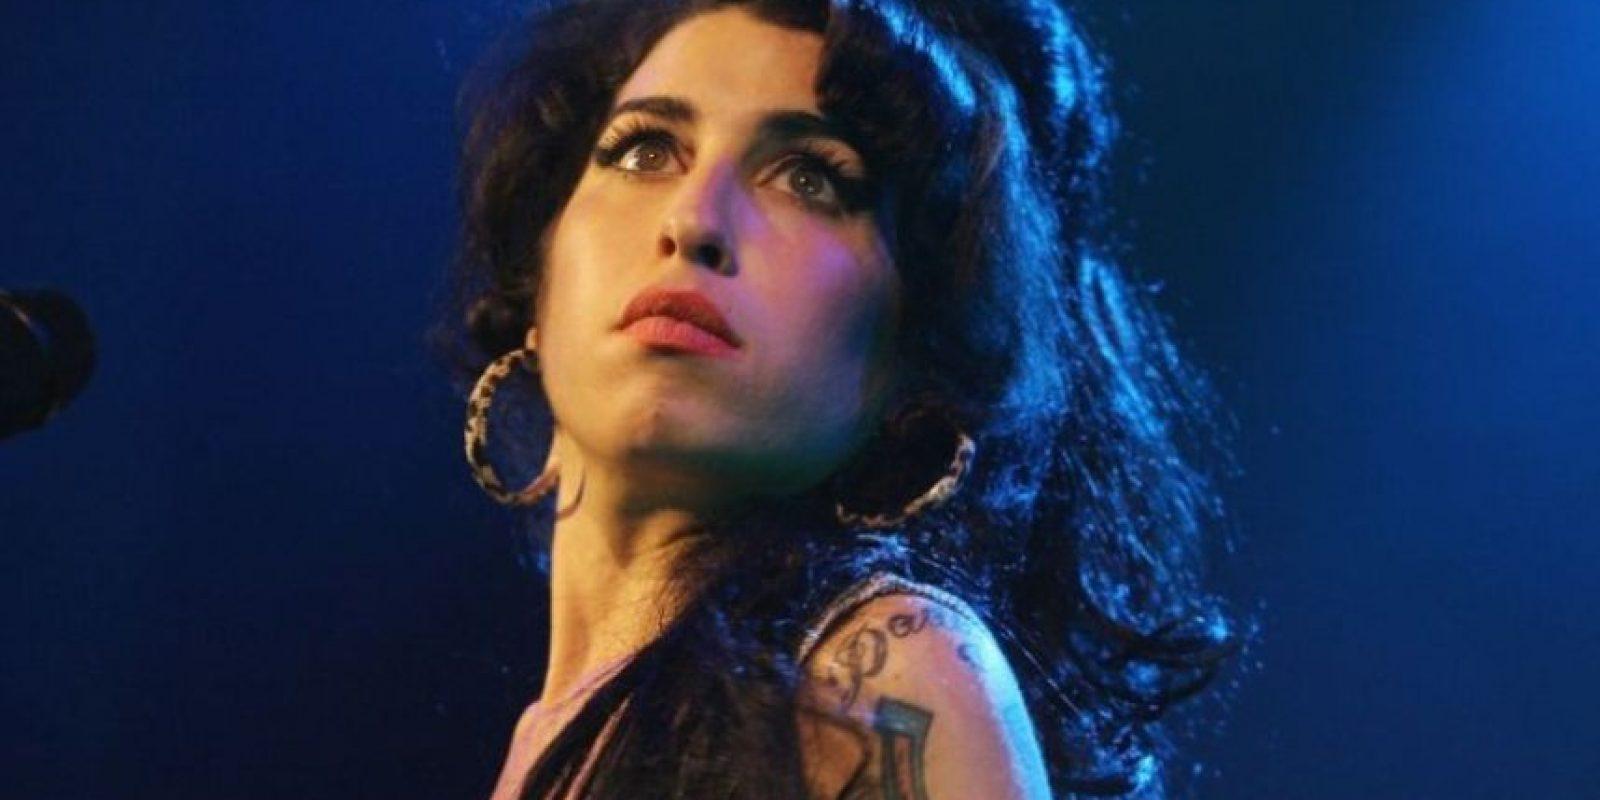 El documental tiene por objetivo recuperar la figura de la cantante. Foto:Getty Images. Imagen Por: